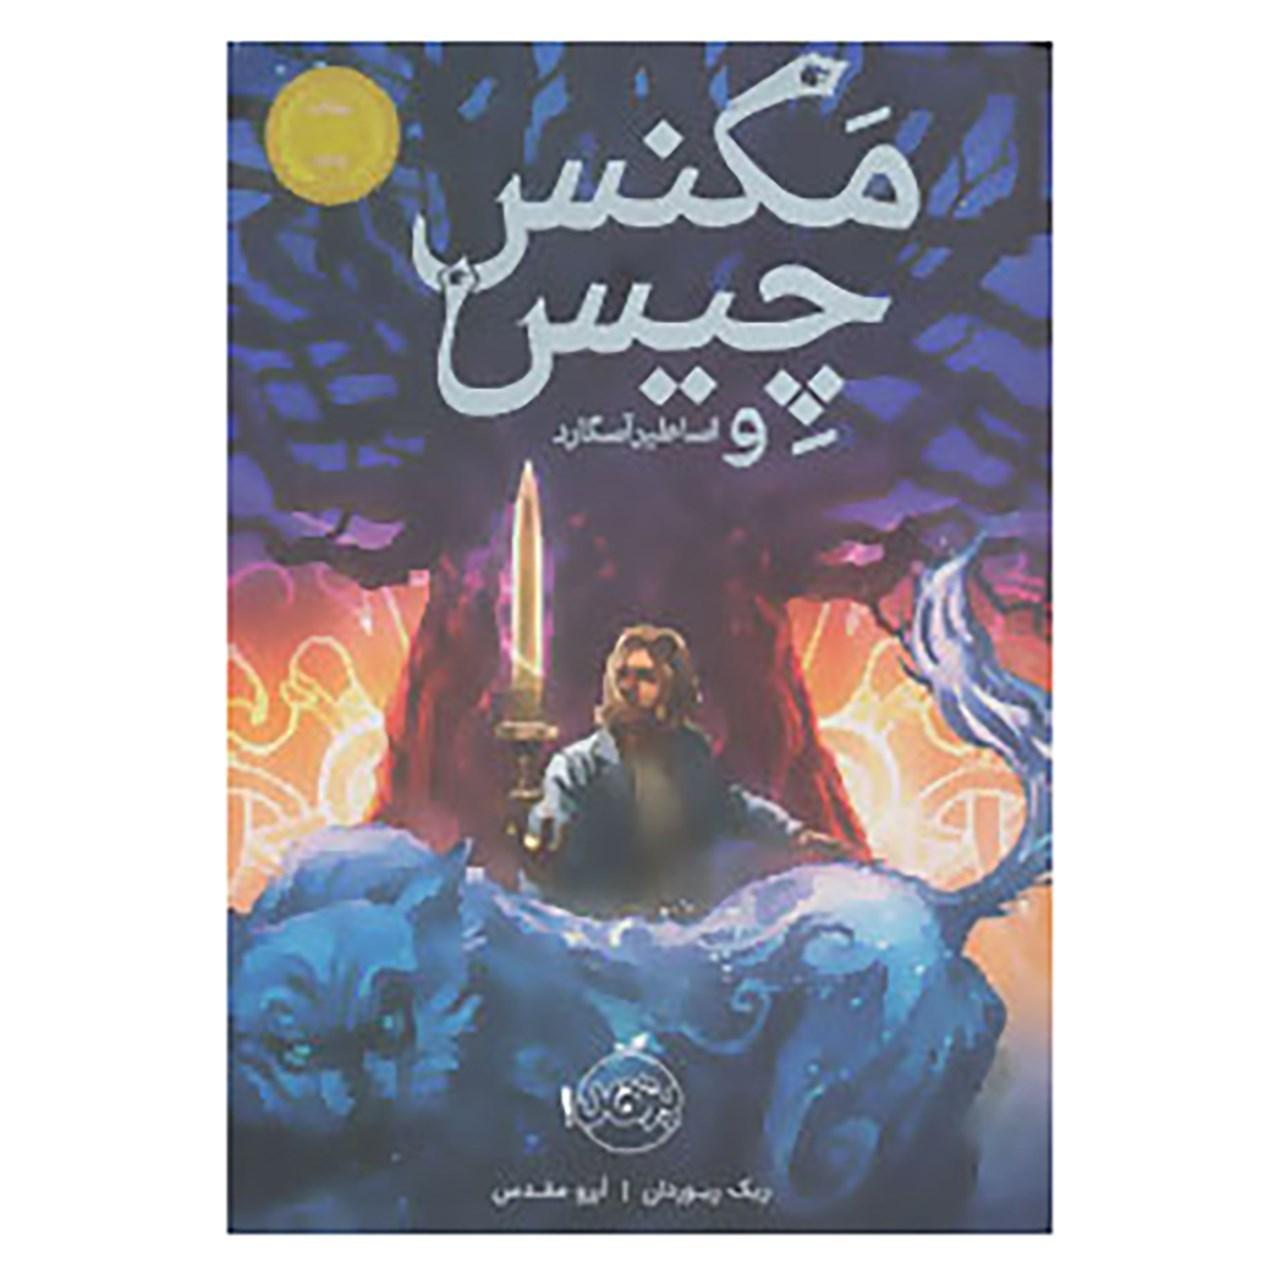 کتاب مگنس چیس و اساطیر آسگارد اثر ریک ریوردان